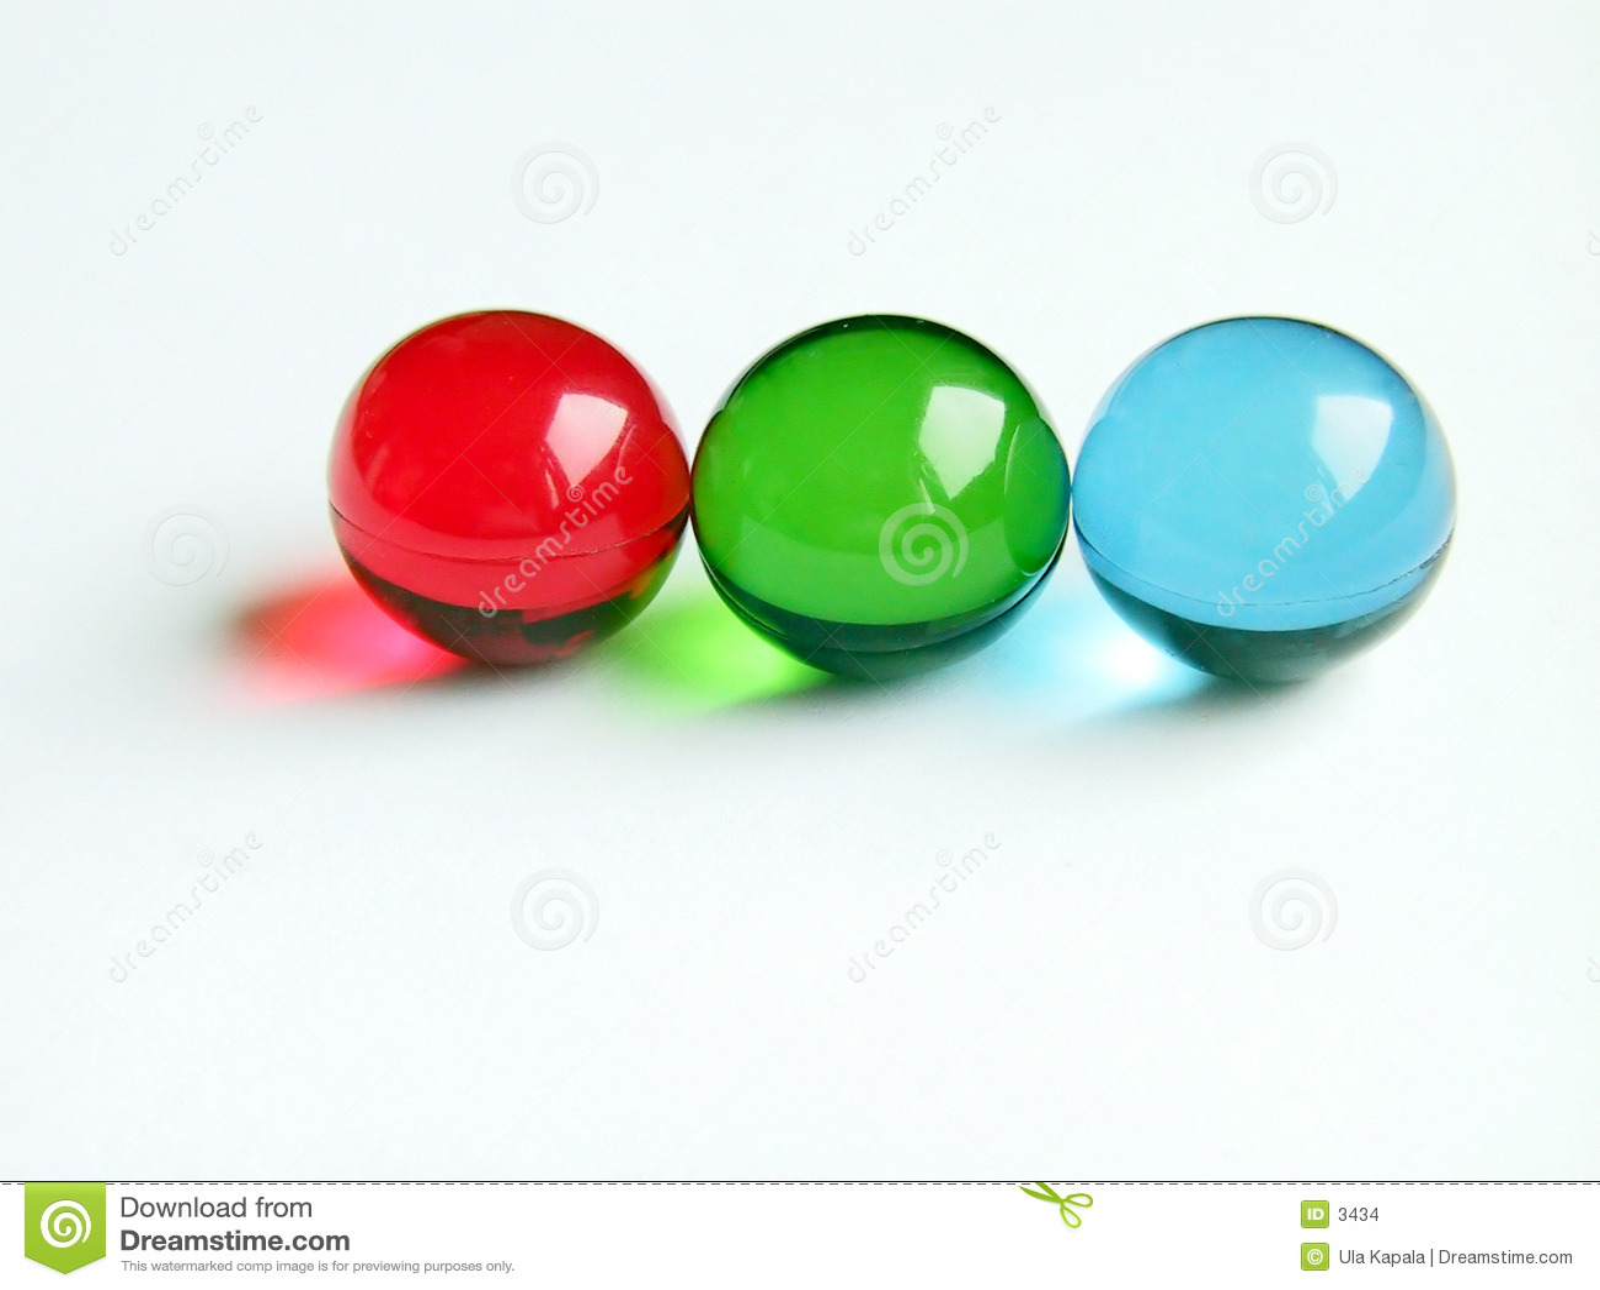 RGB bath balls